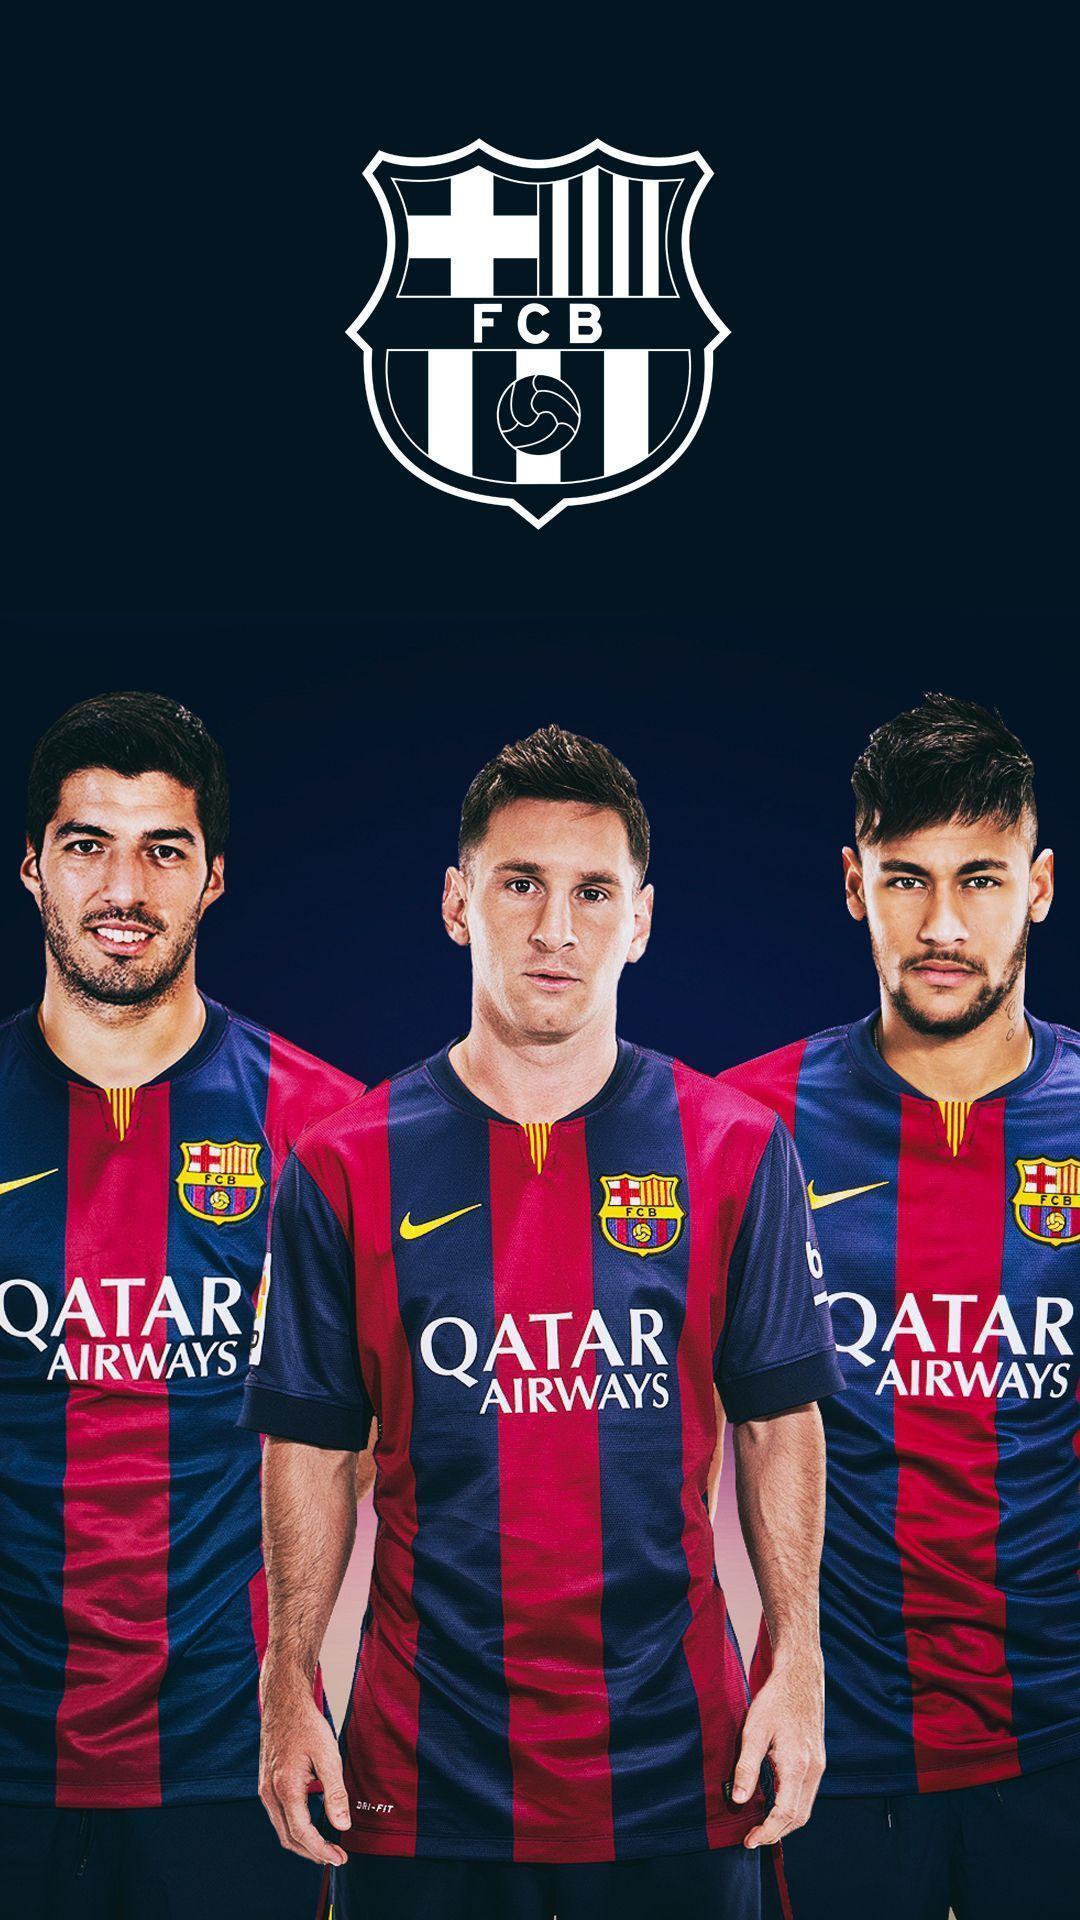 FC Barcelona phone wallpaper HD by SelvedinFCB on DeviantArt